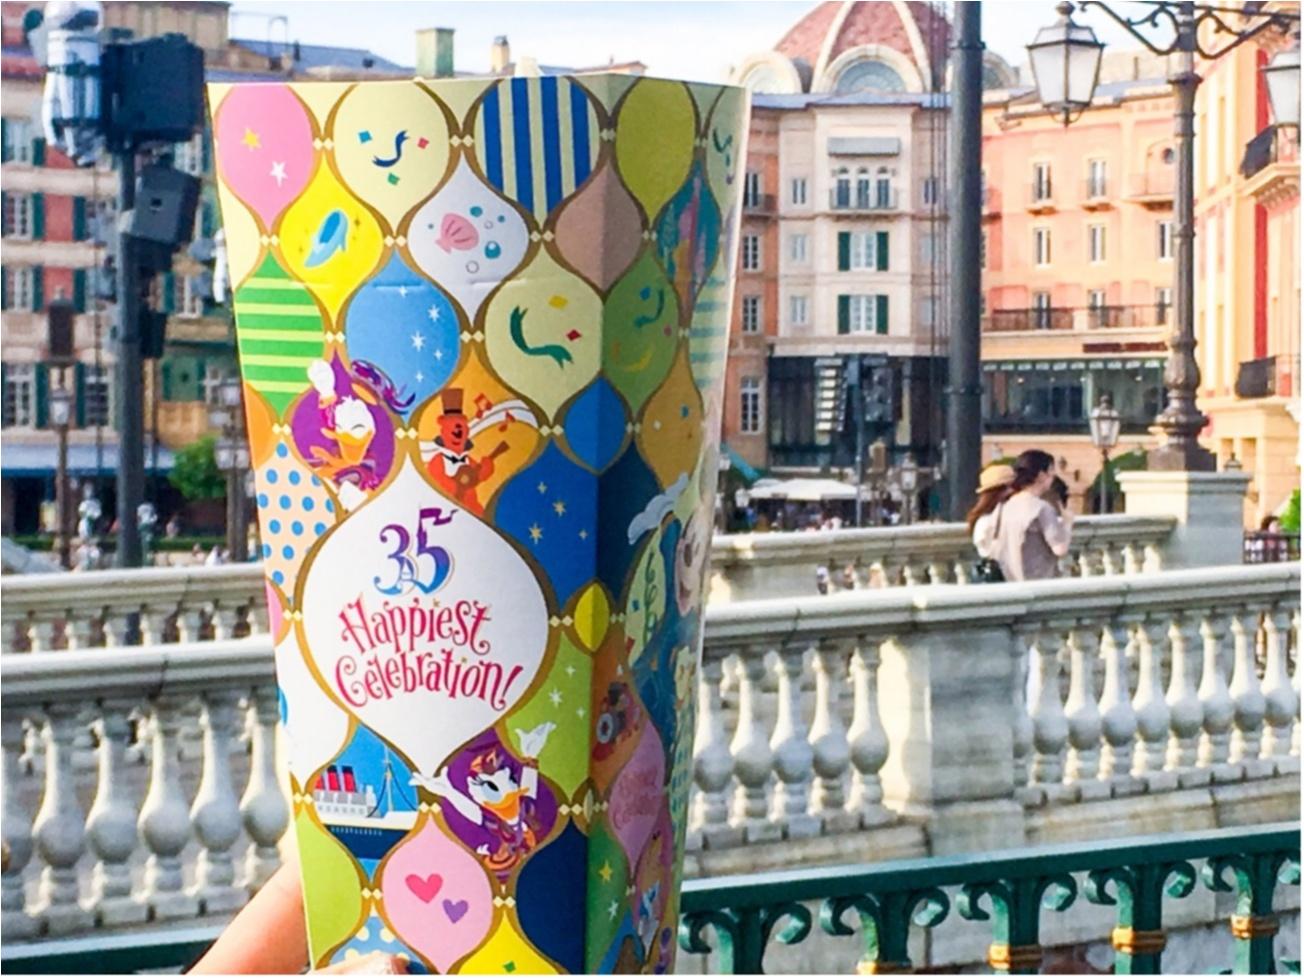 ディズニー,ディズニーランド,ポップコーン,ミッキー,Happiest Celebration,35周年